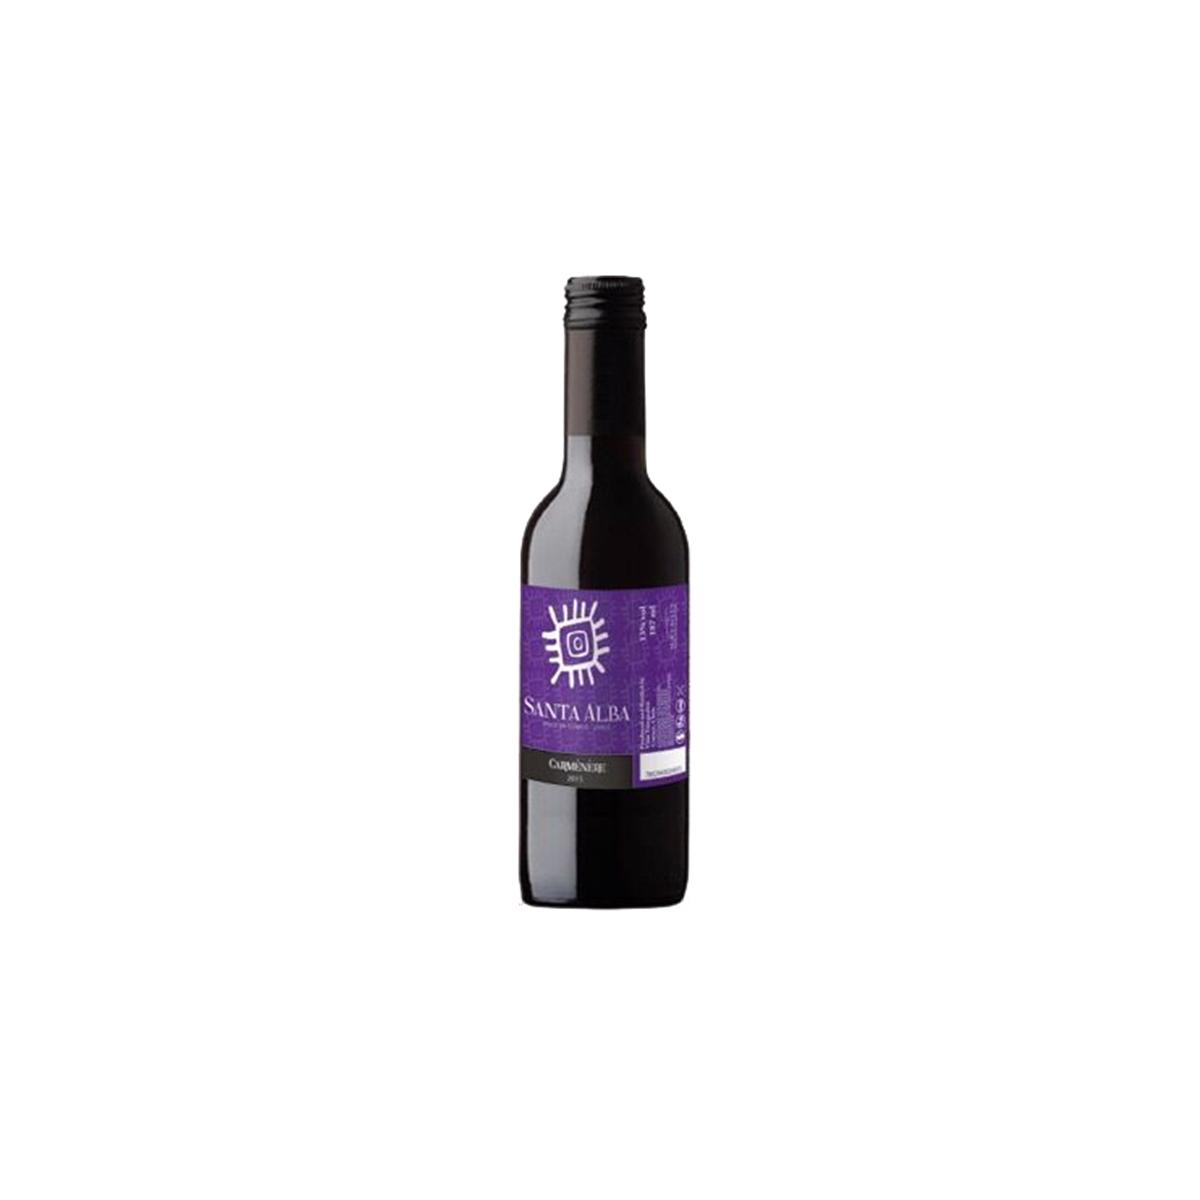 圣塔佳美娜干红葡萄酒187ml